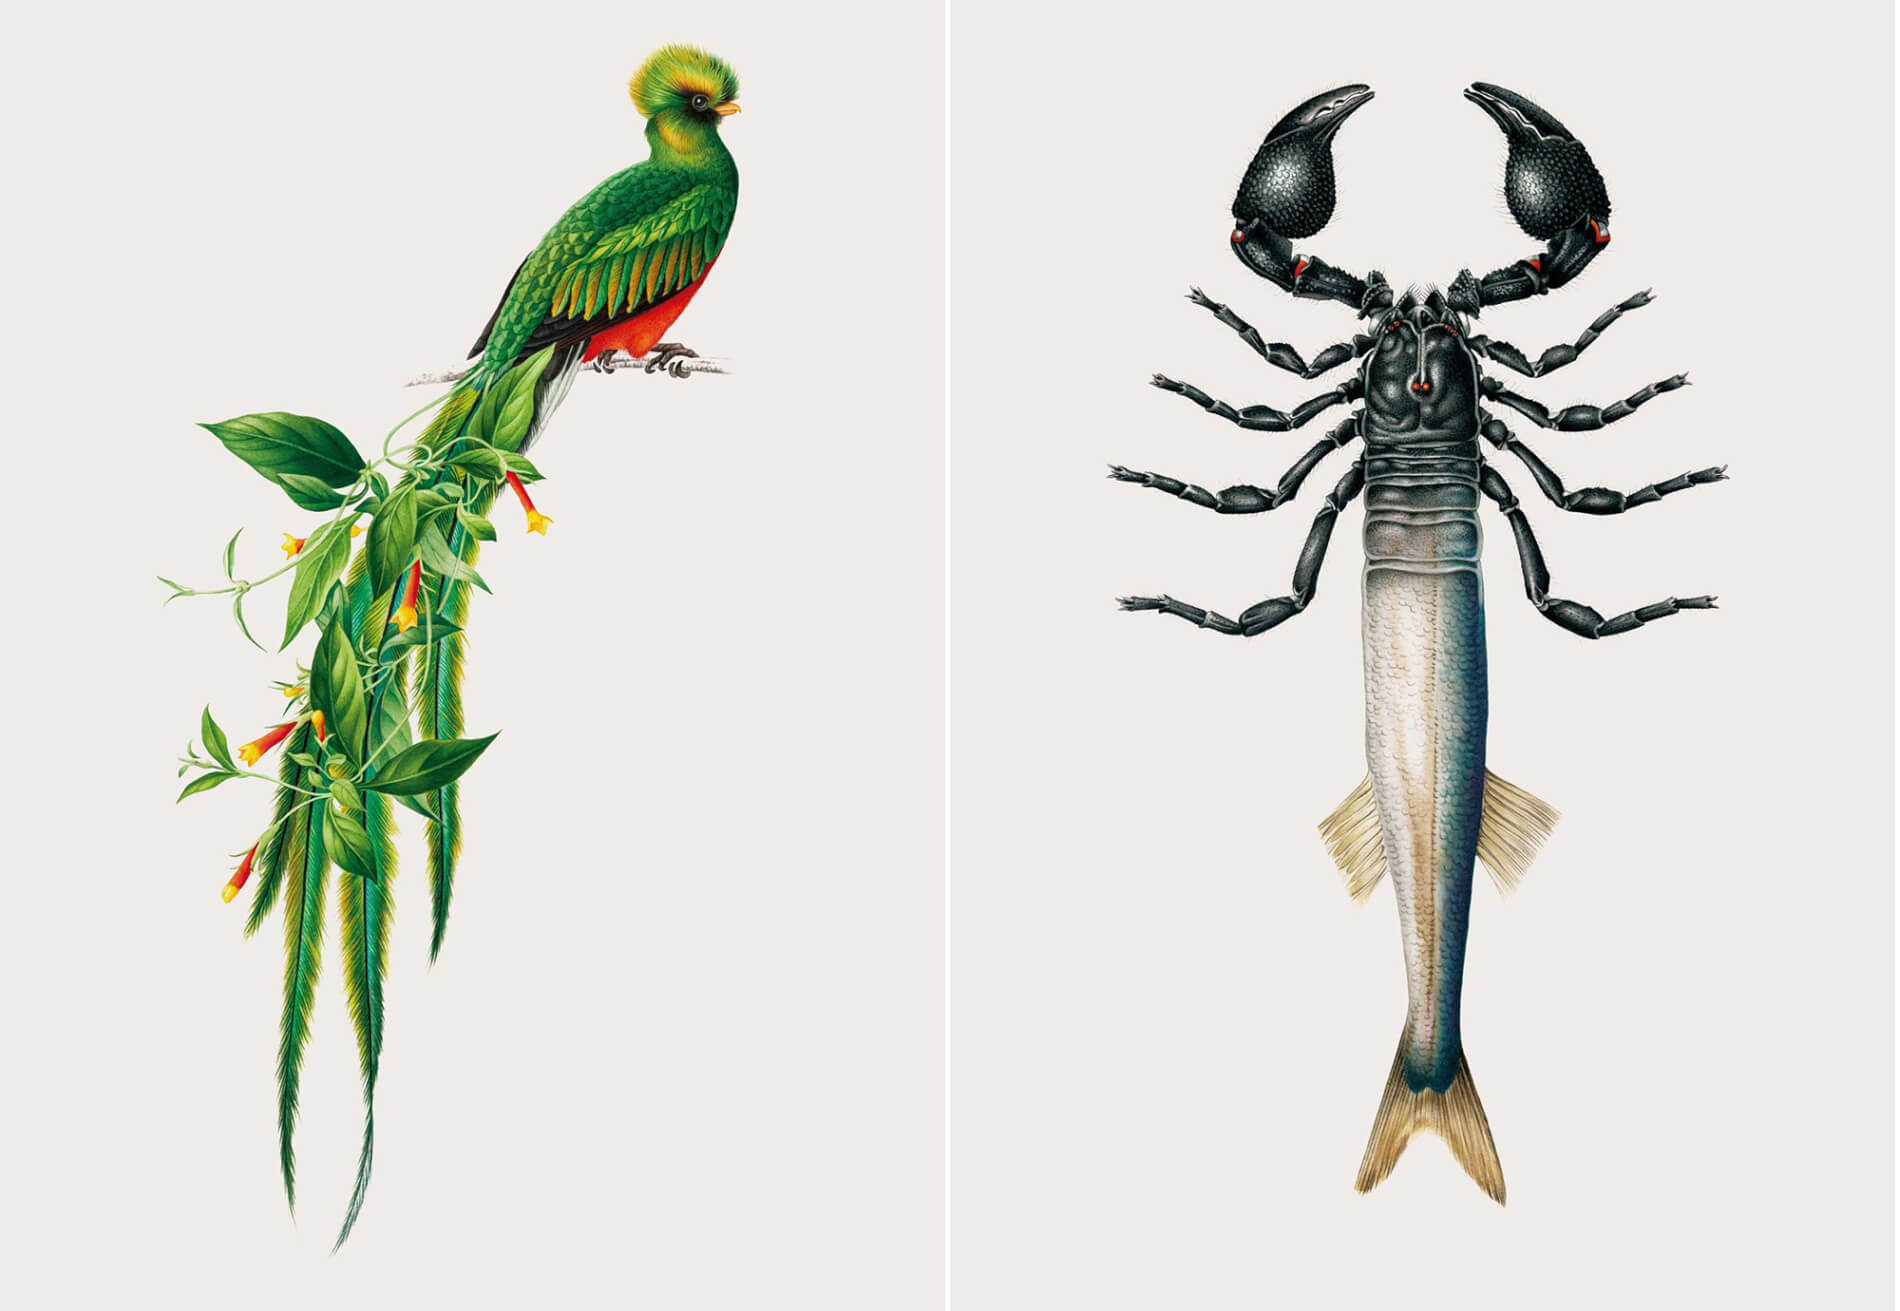 especies creativas hibridos